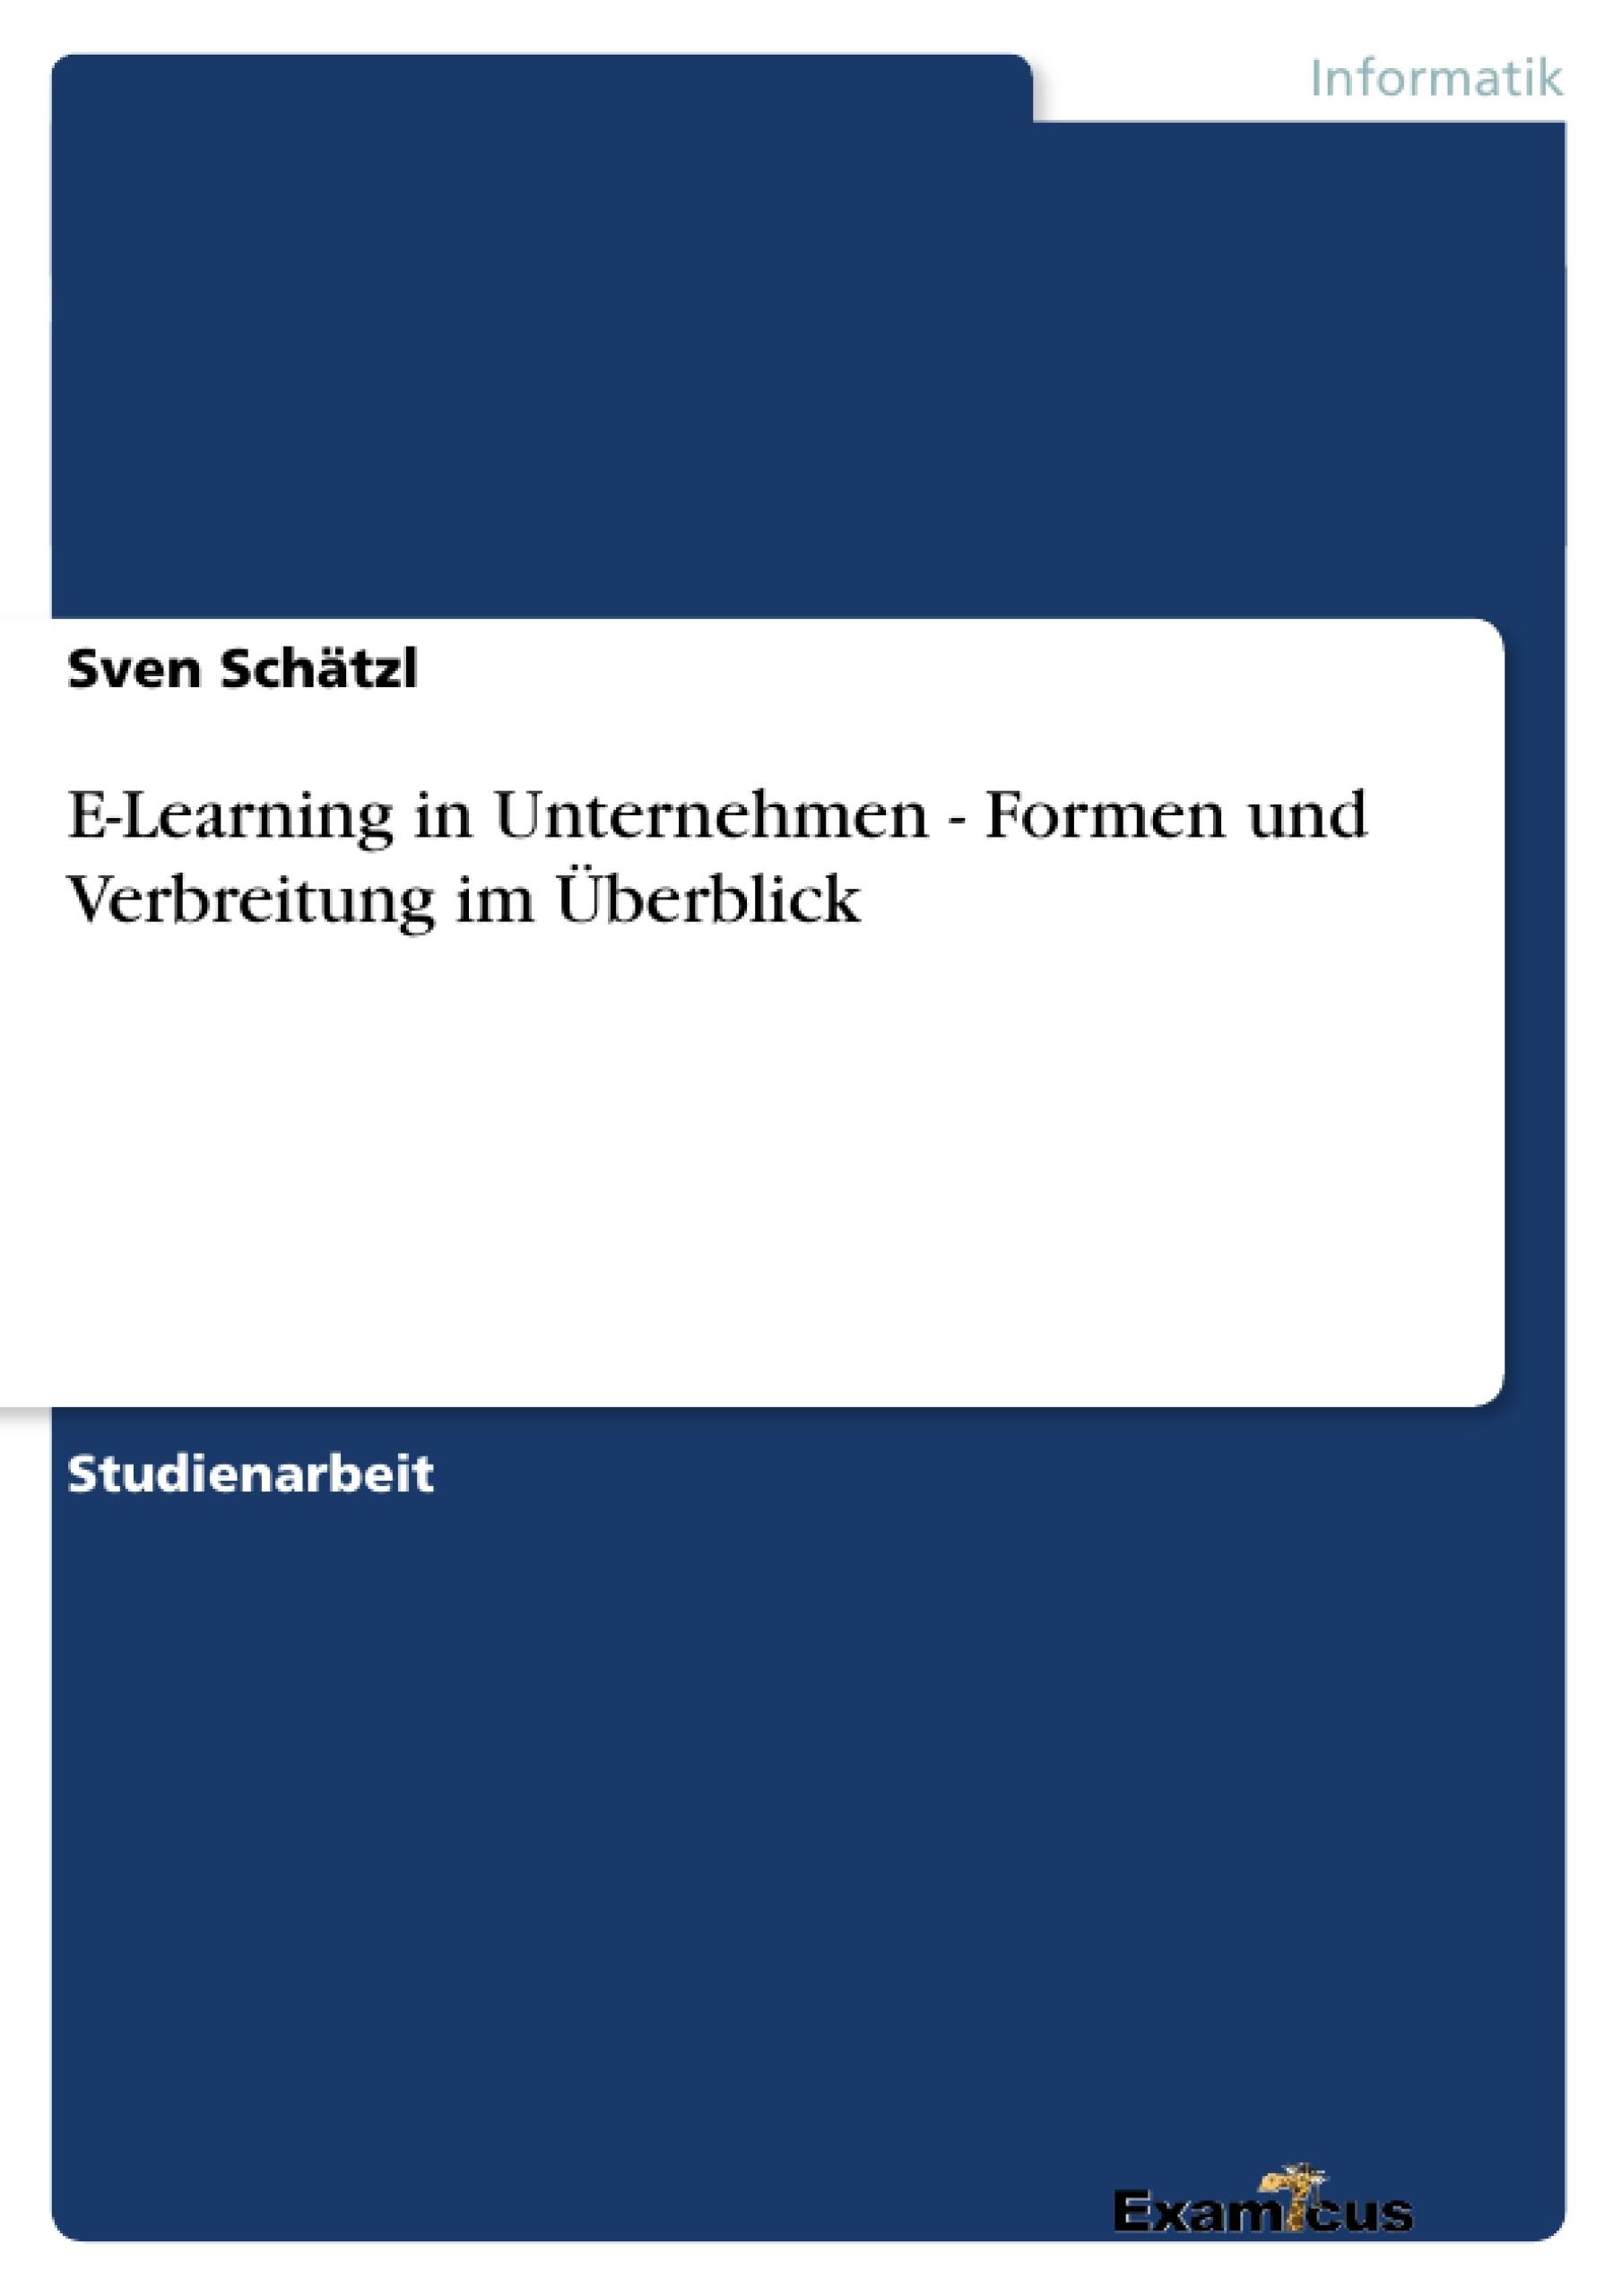 Titel: E-Learning in Unternehmen - Formen und Verbreitung im Überblick